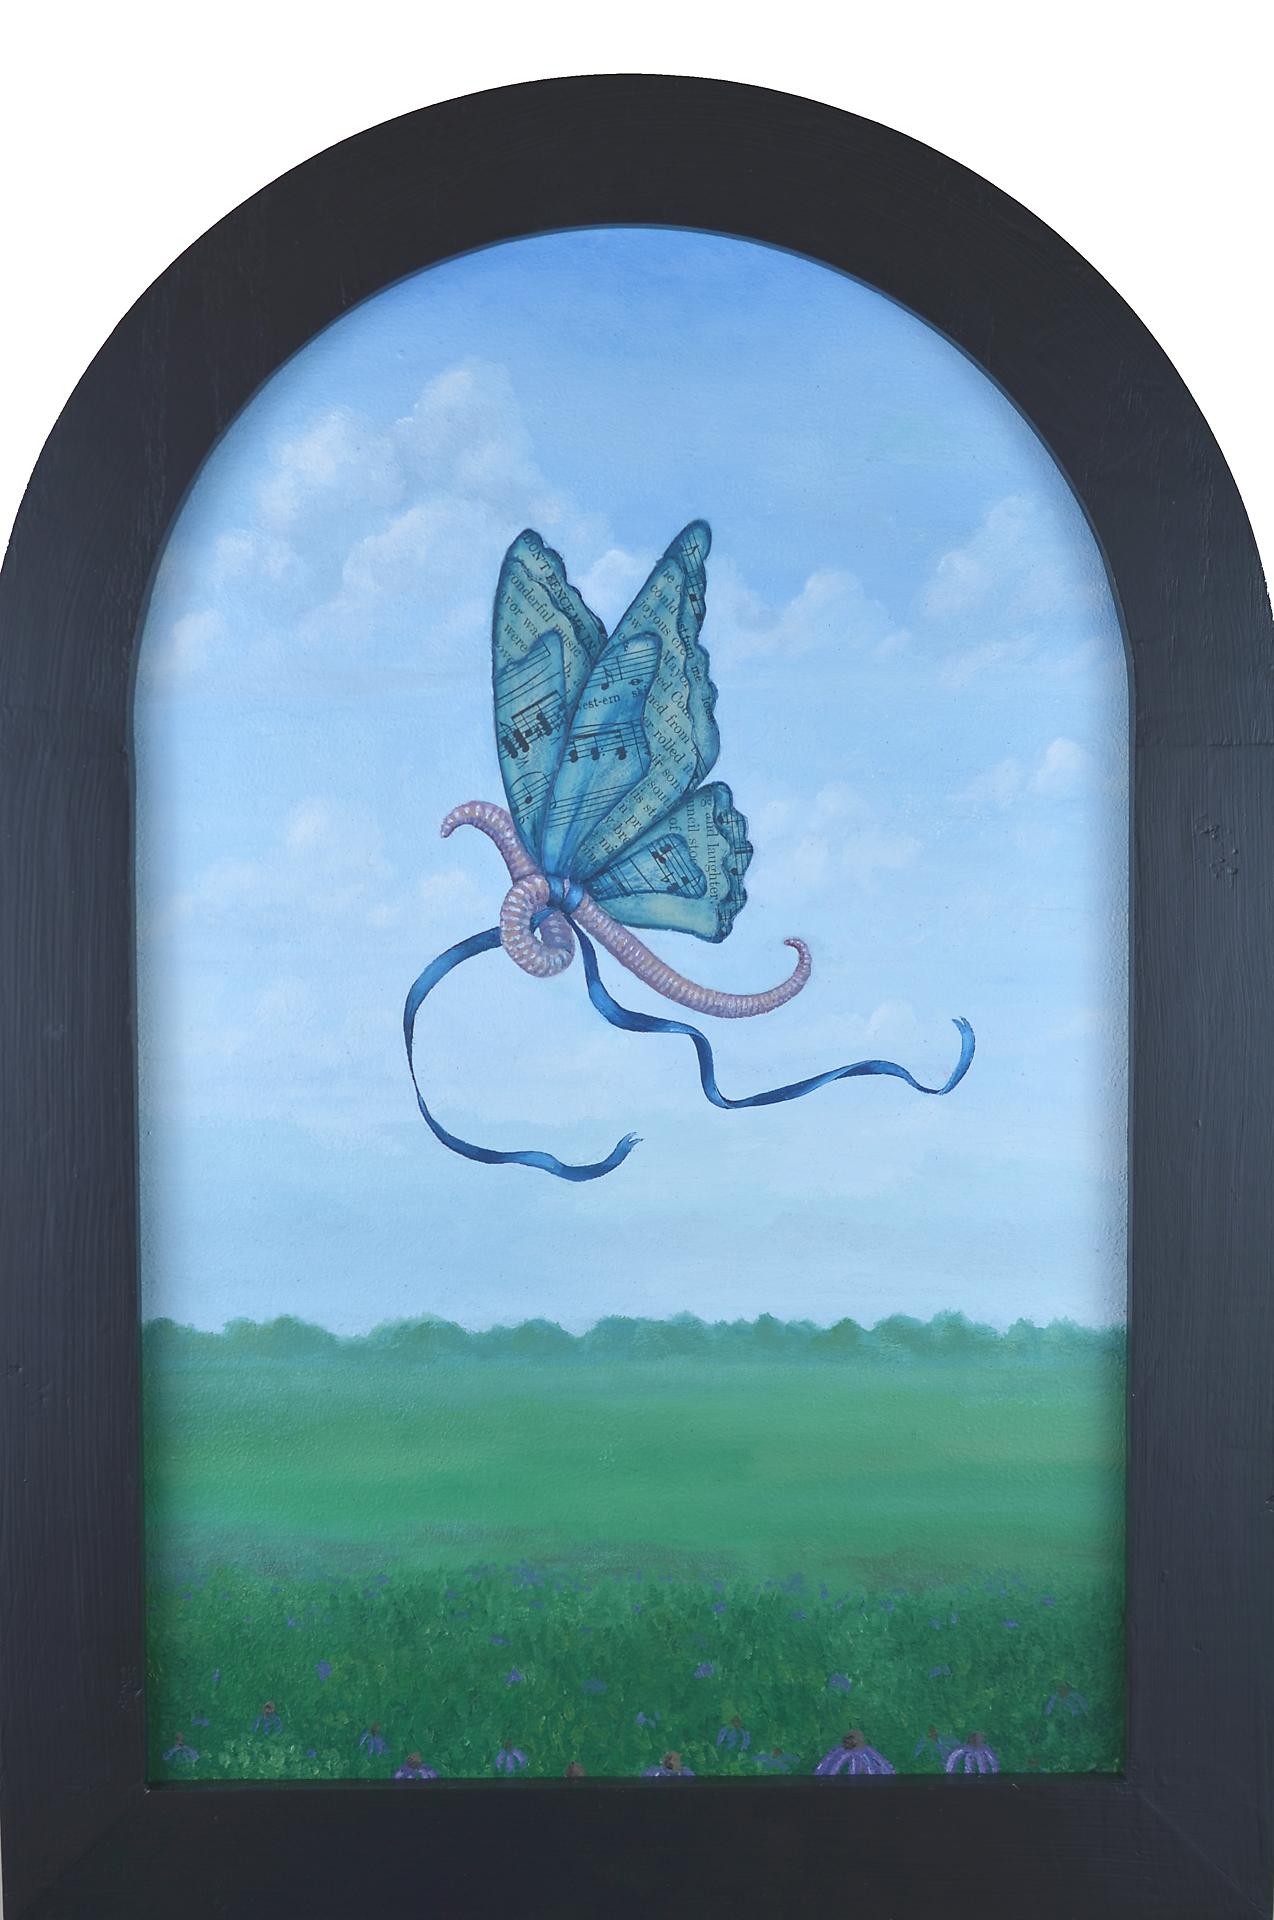 Flights of Fancy- Earthworm